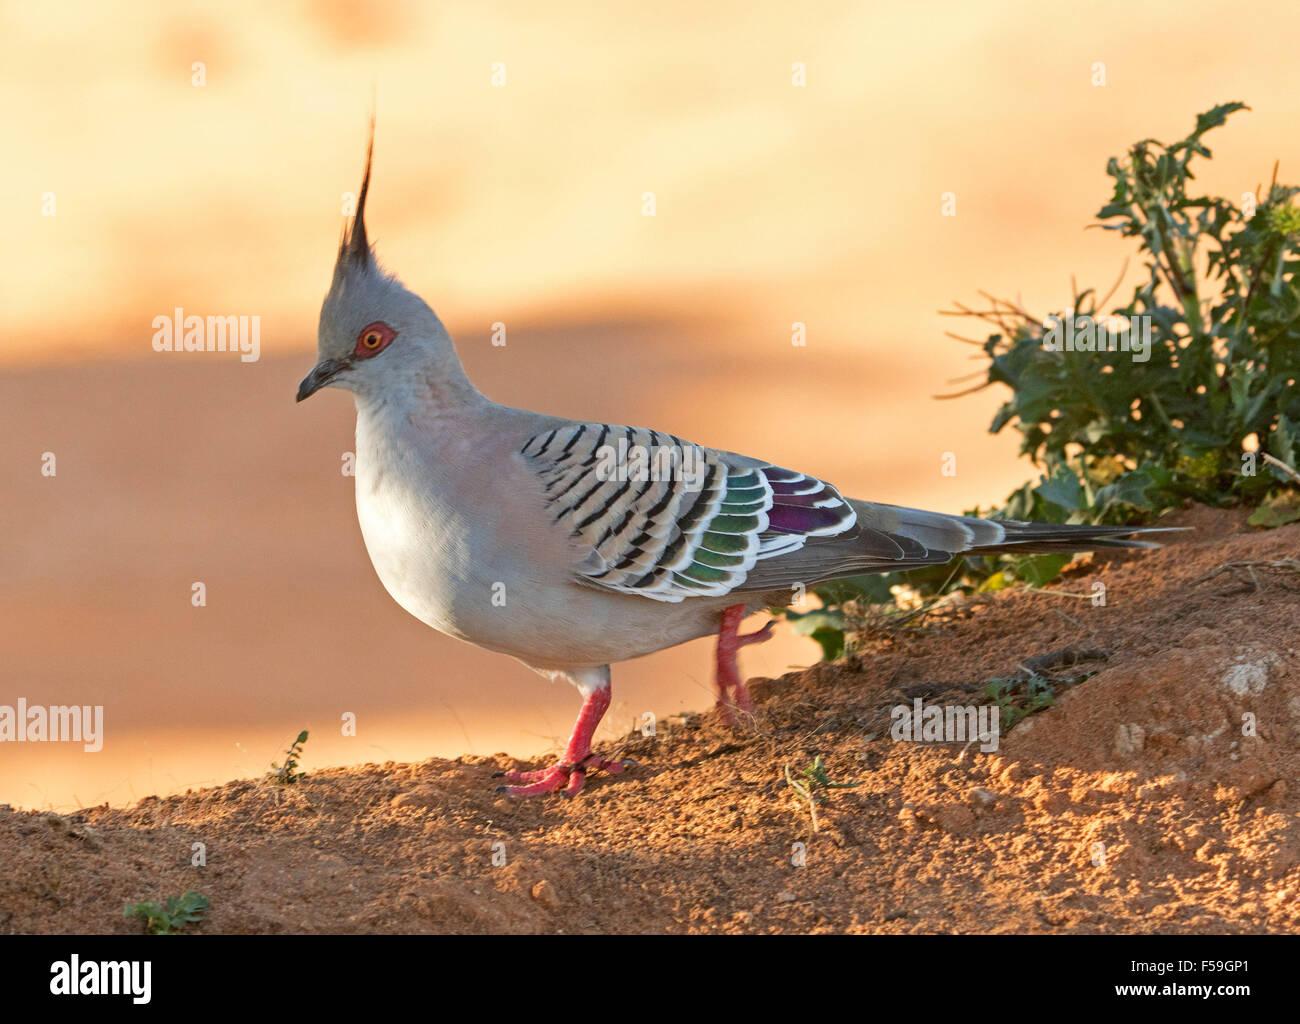 Colorato crested pigeon, Ocyphaps lophotes, nativi Australiani con uccello rosso vivace per gambe e decorativo piumaggio Immagini Stock